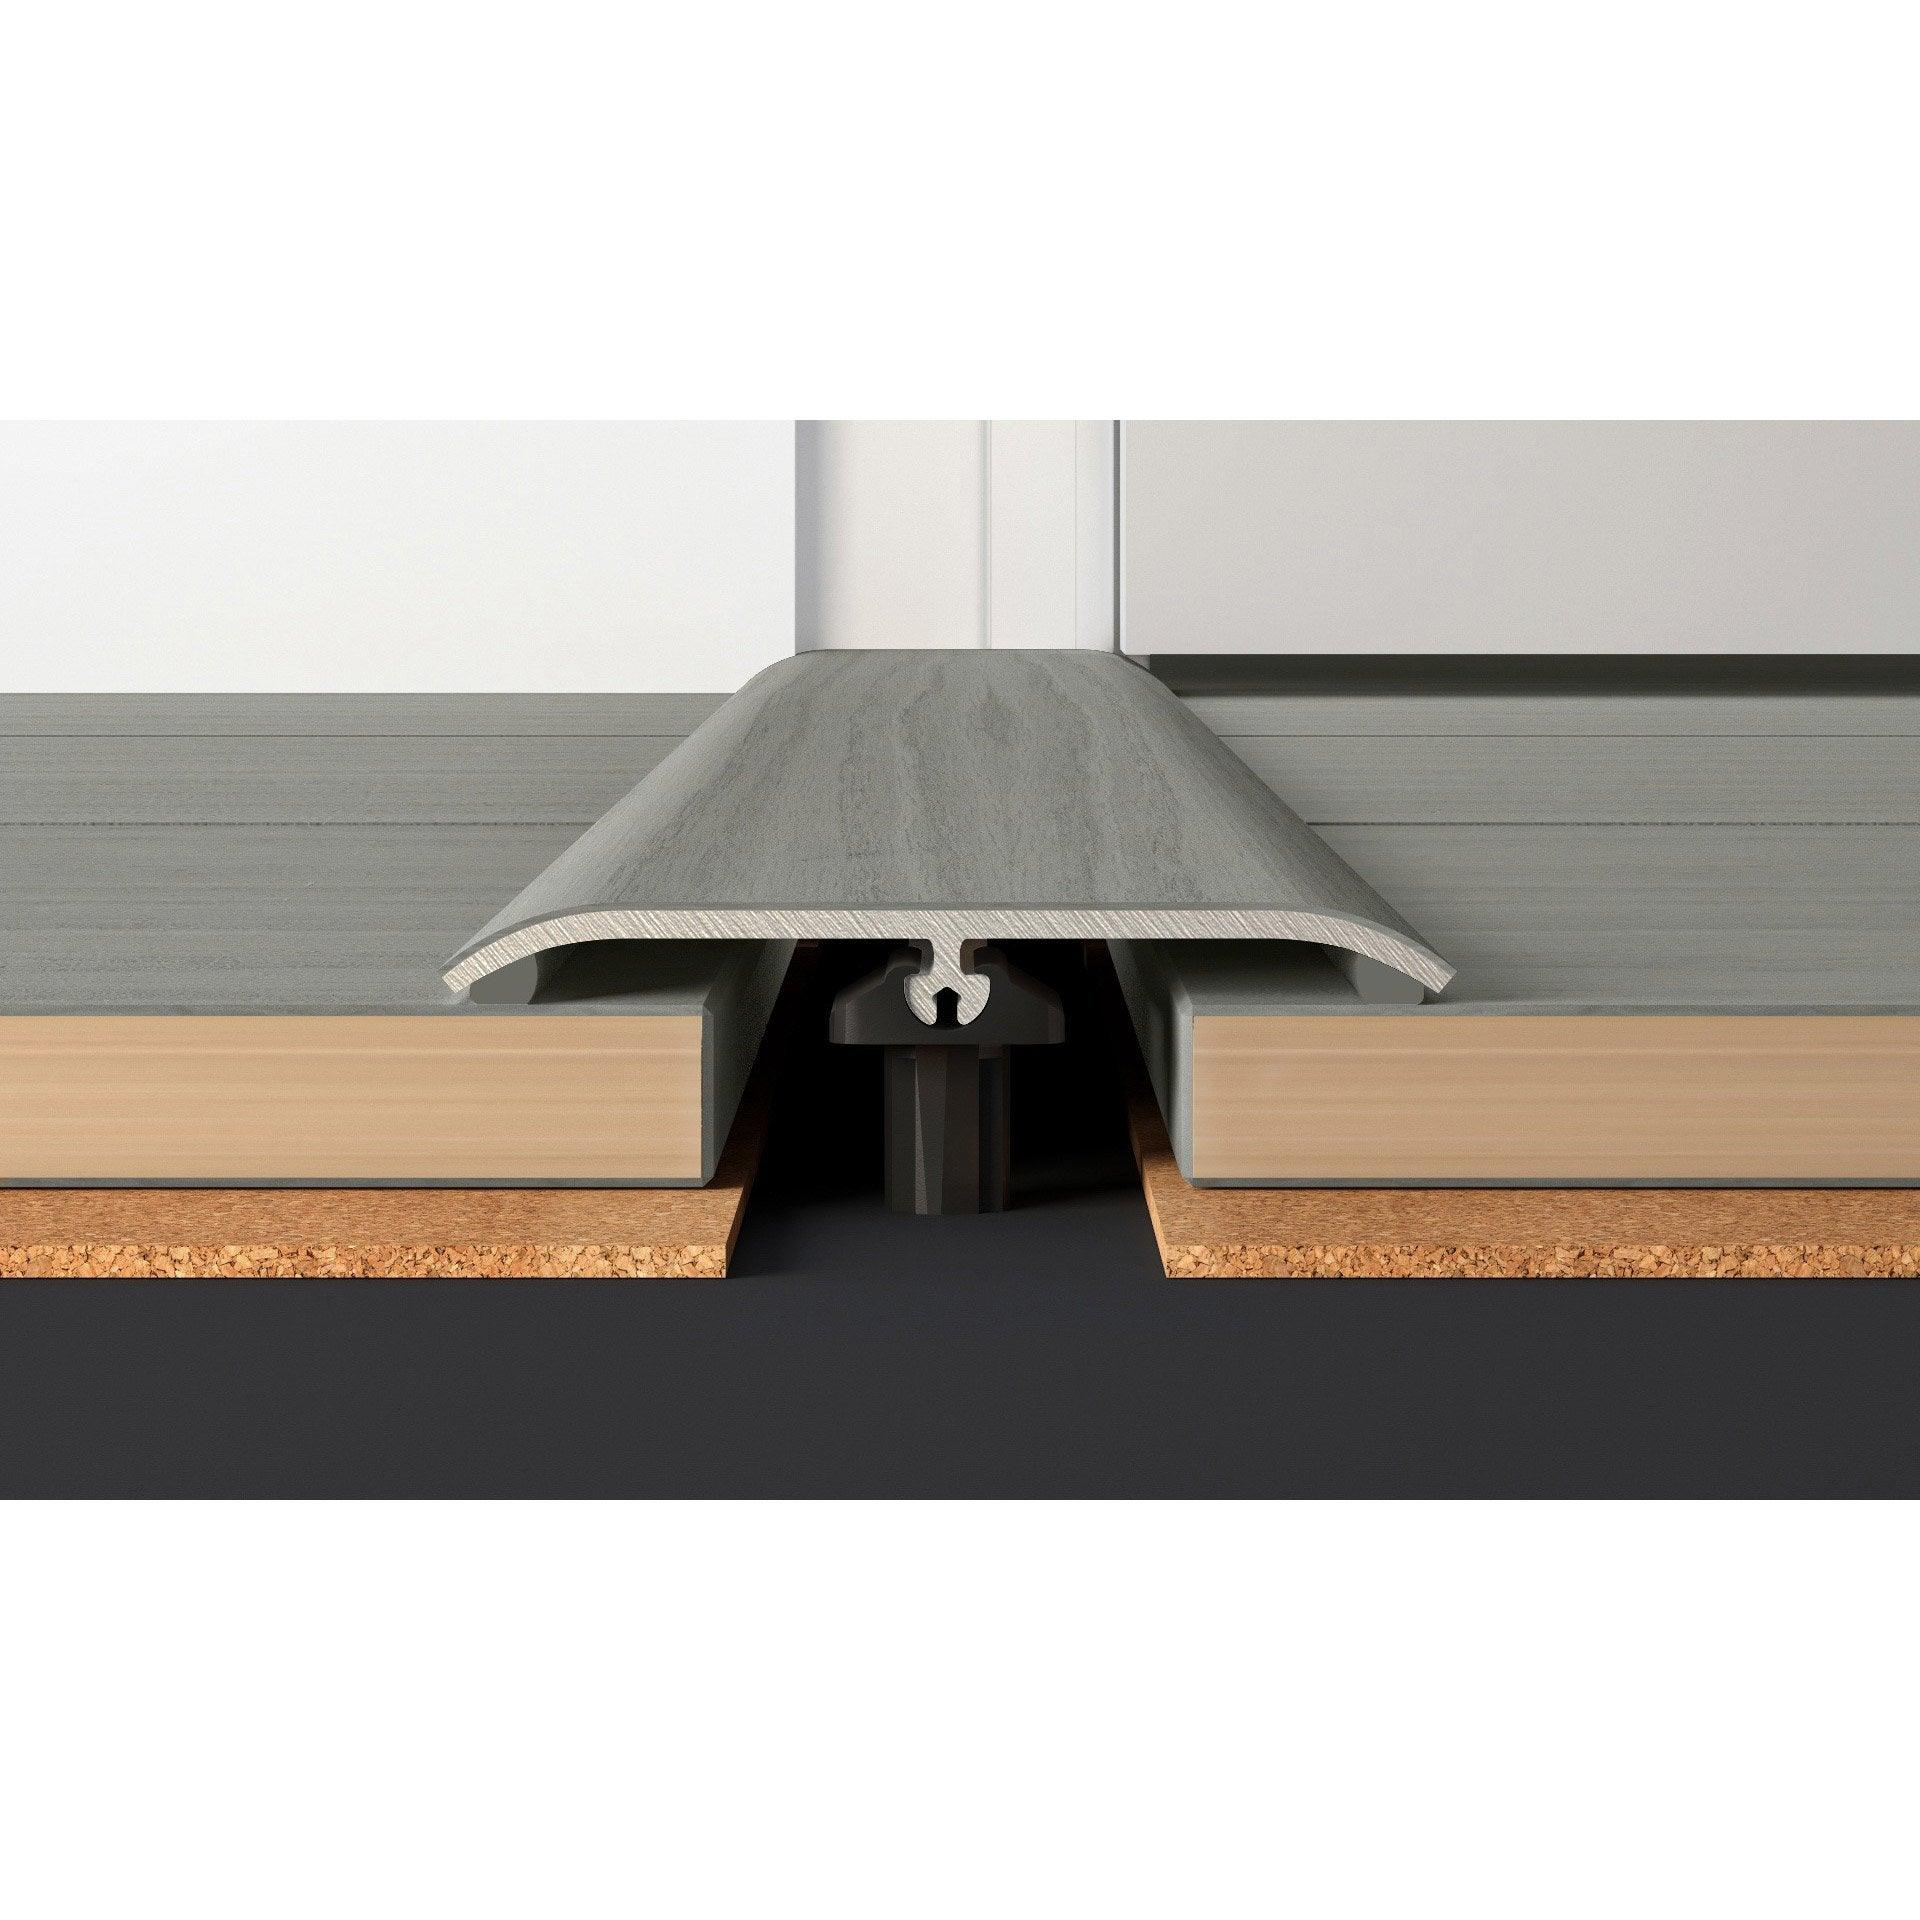 Barre De Seuil Parquet barre de seuil plaqué gris clair pour parquet, l.83 cm x l